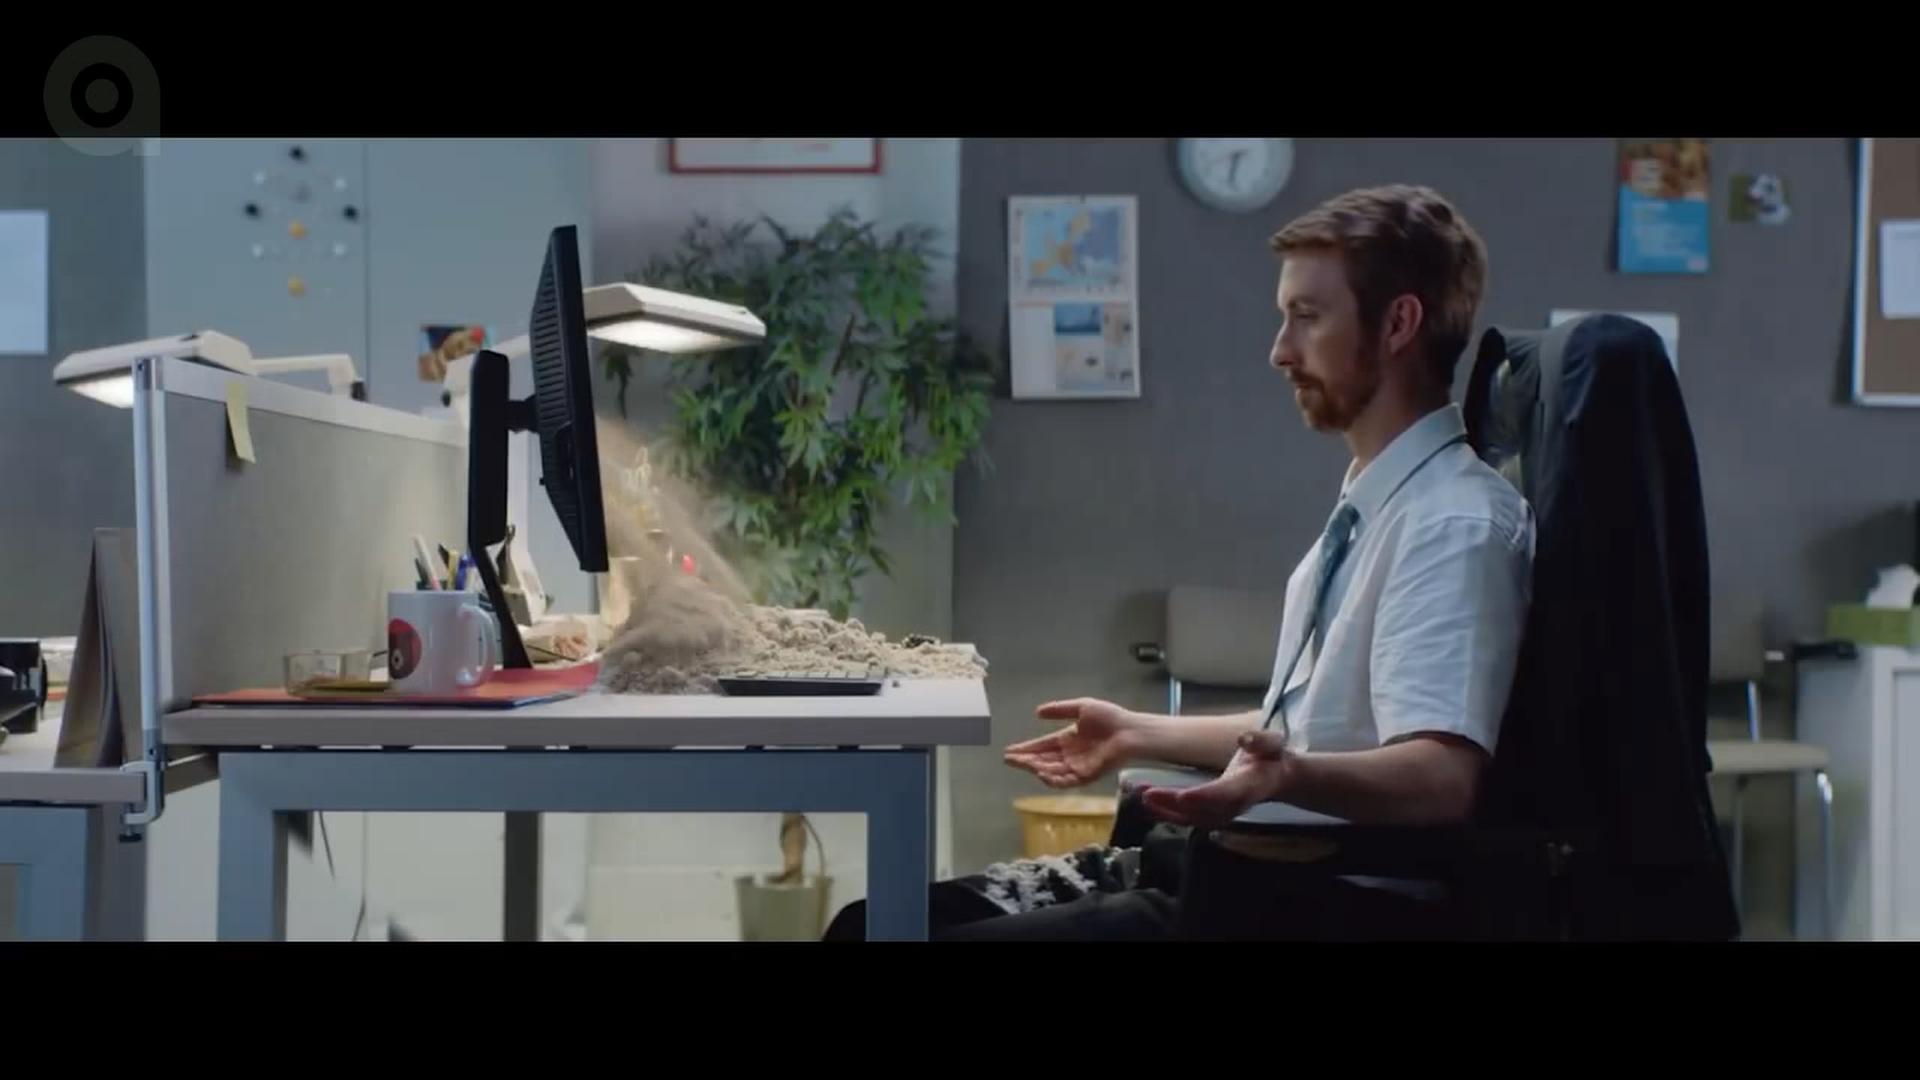 تیزر تبلیغاتی برگرکینگ: هوپر خارج از دفترکار